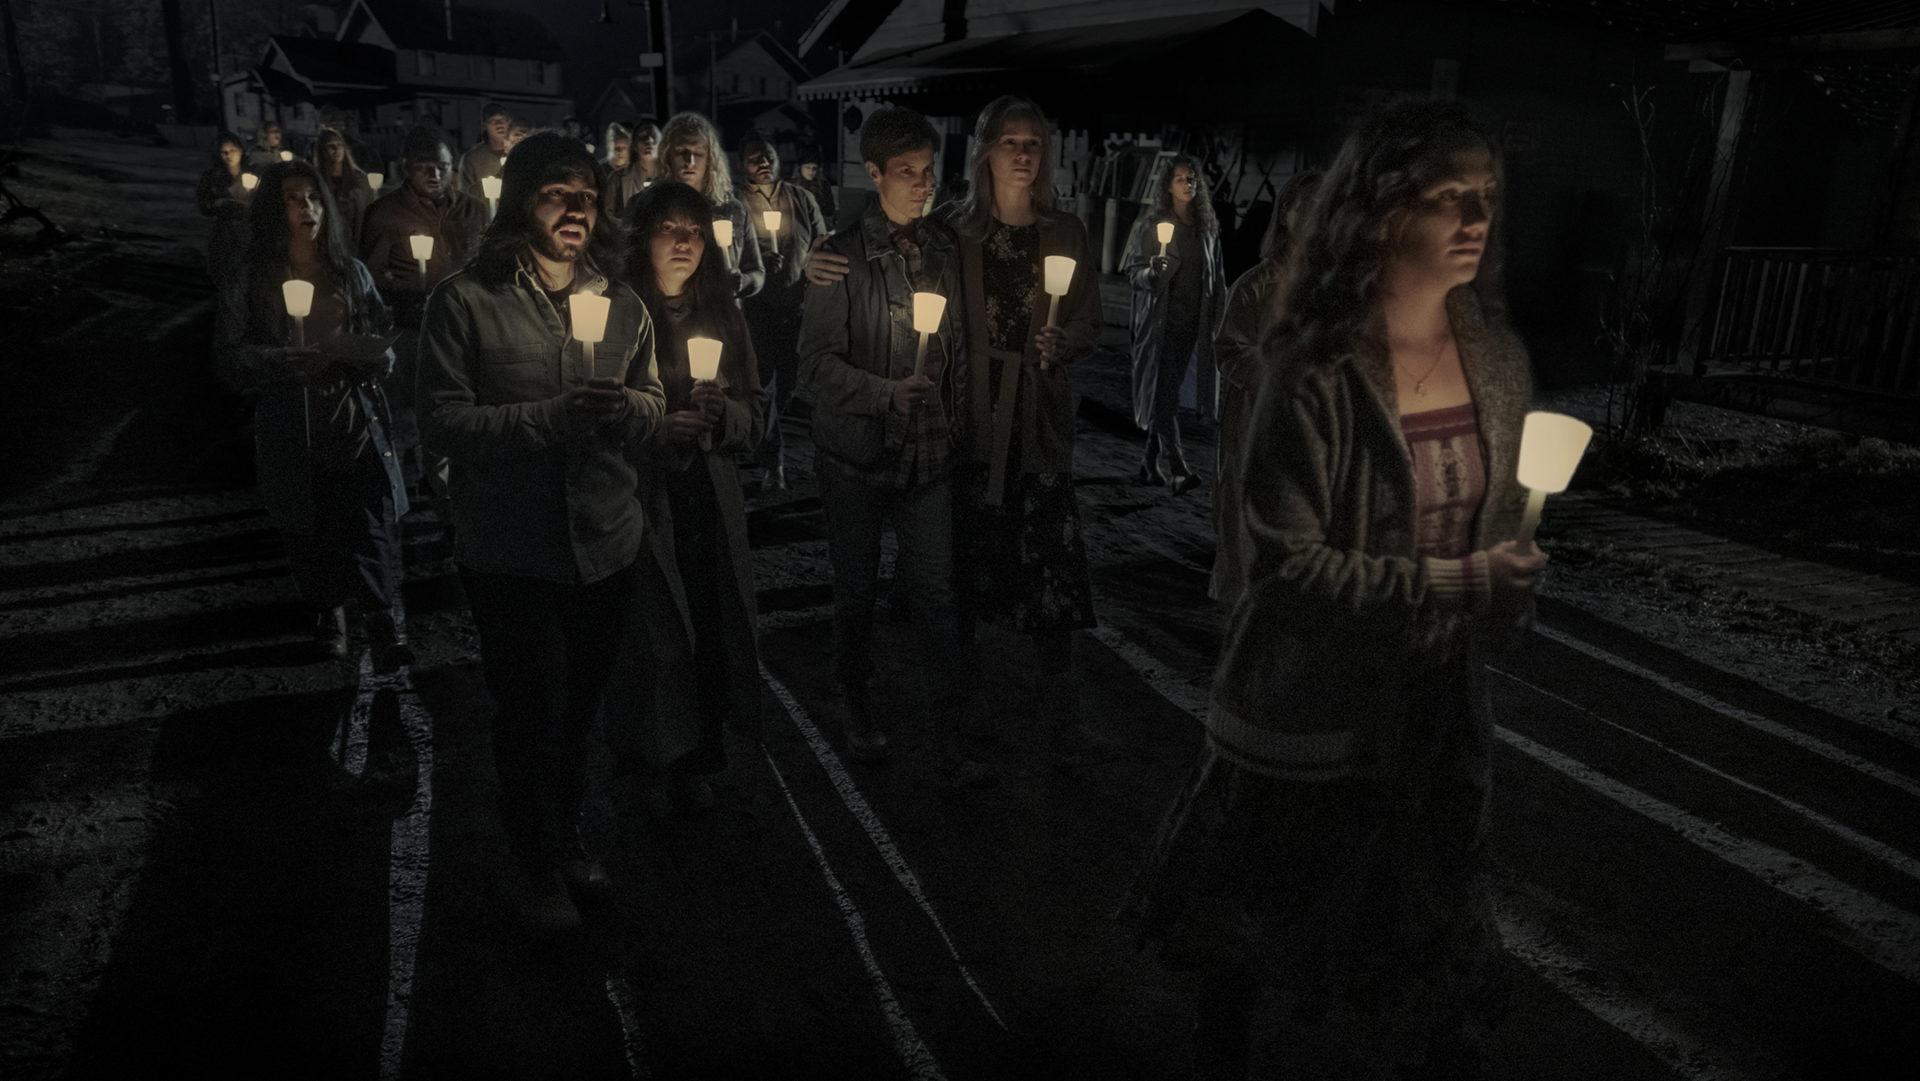 Midnight Mass Netflix image